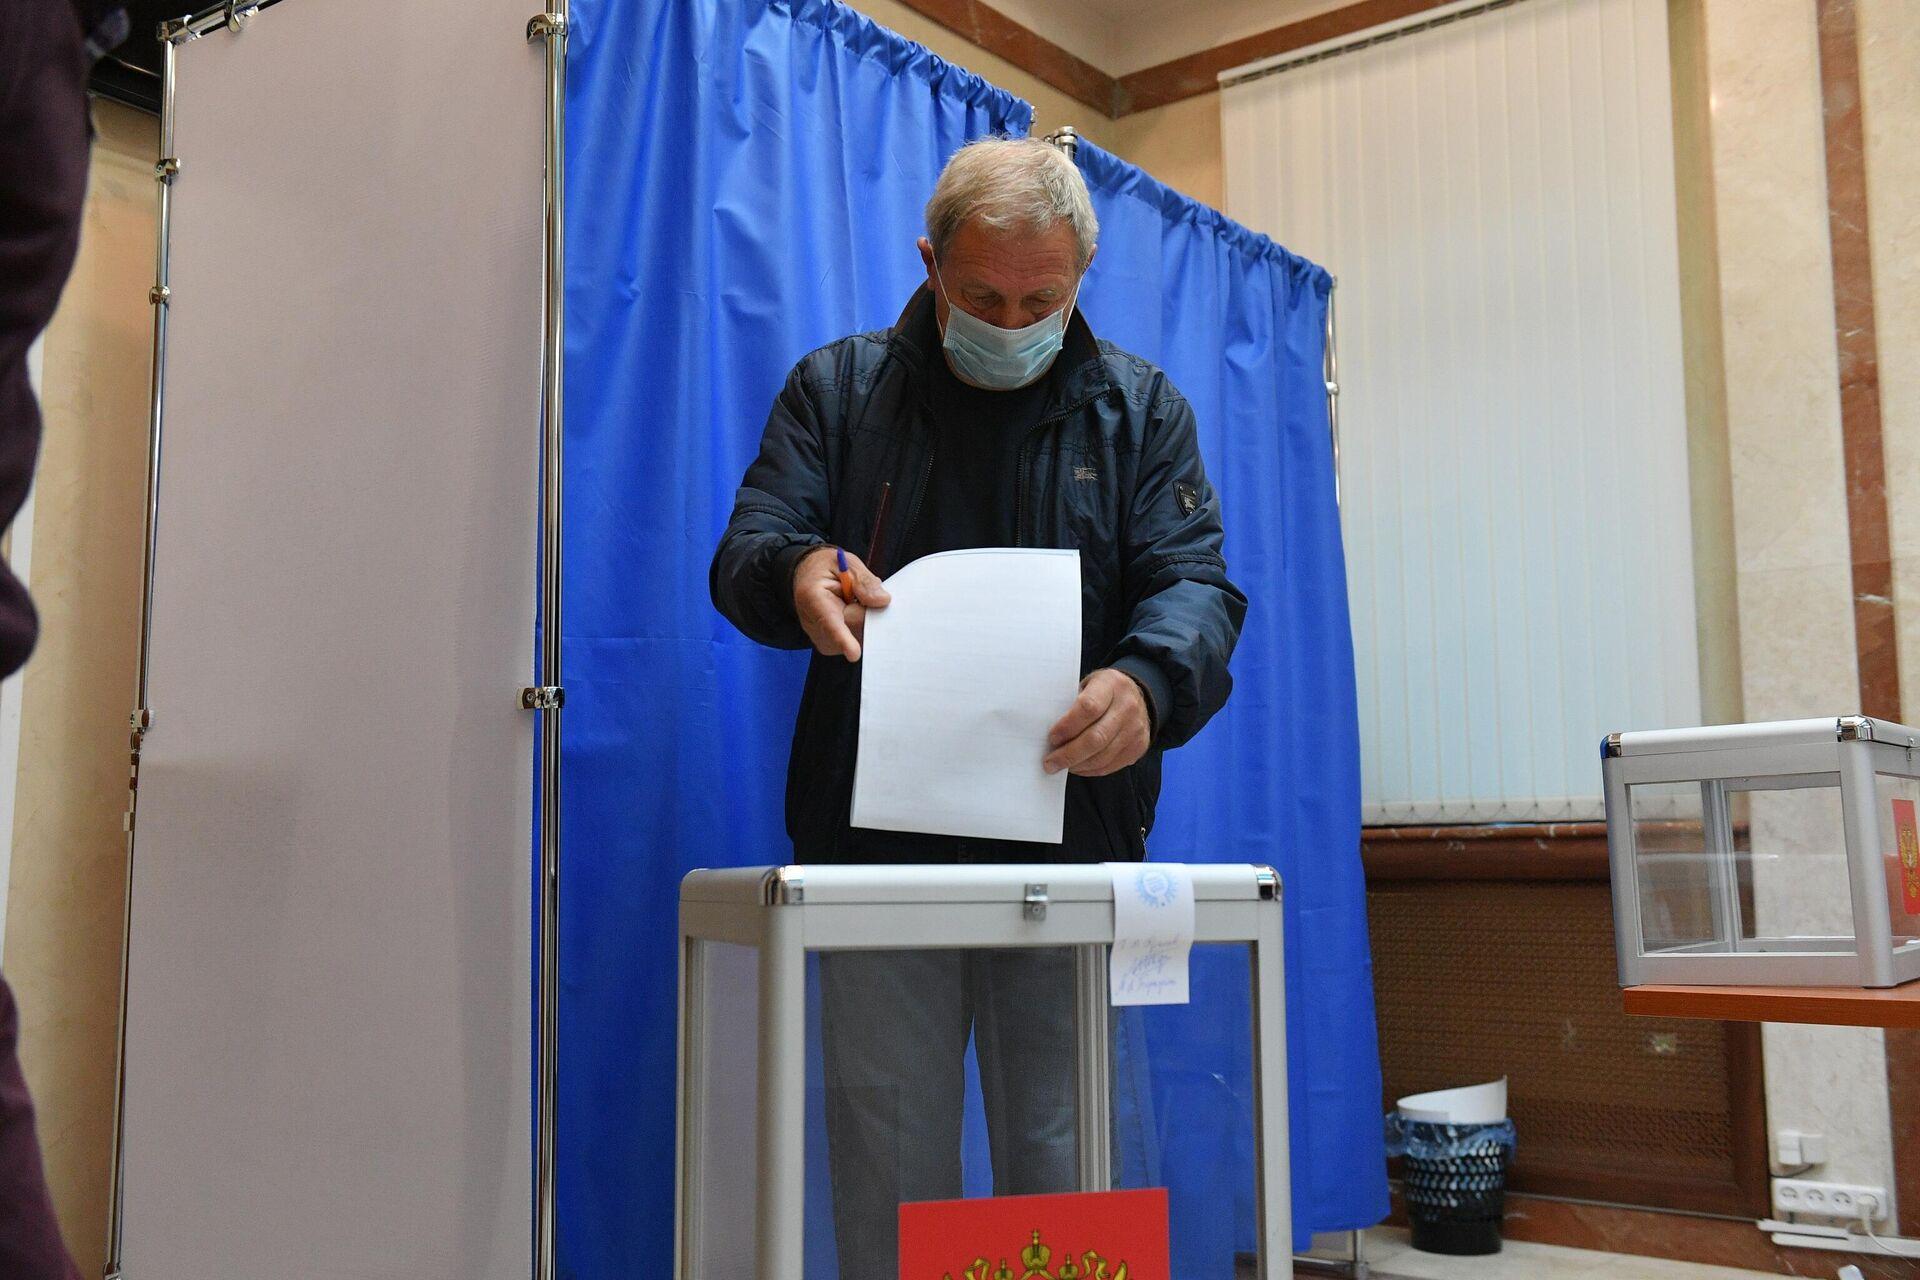 Проголосовать в Беларуси могут россияне, которые постоянно проживают в РБ, а также те, кто прибыл в республику в командировку или к родственникам. - Sputnik Беларусь, 1920, 17.09.2021